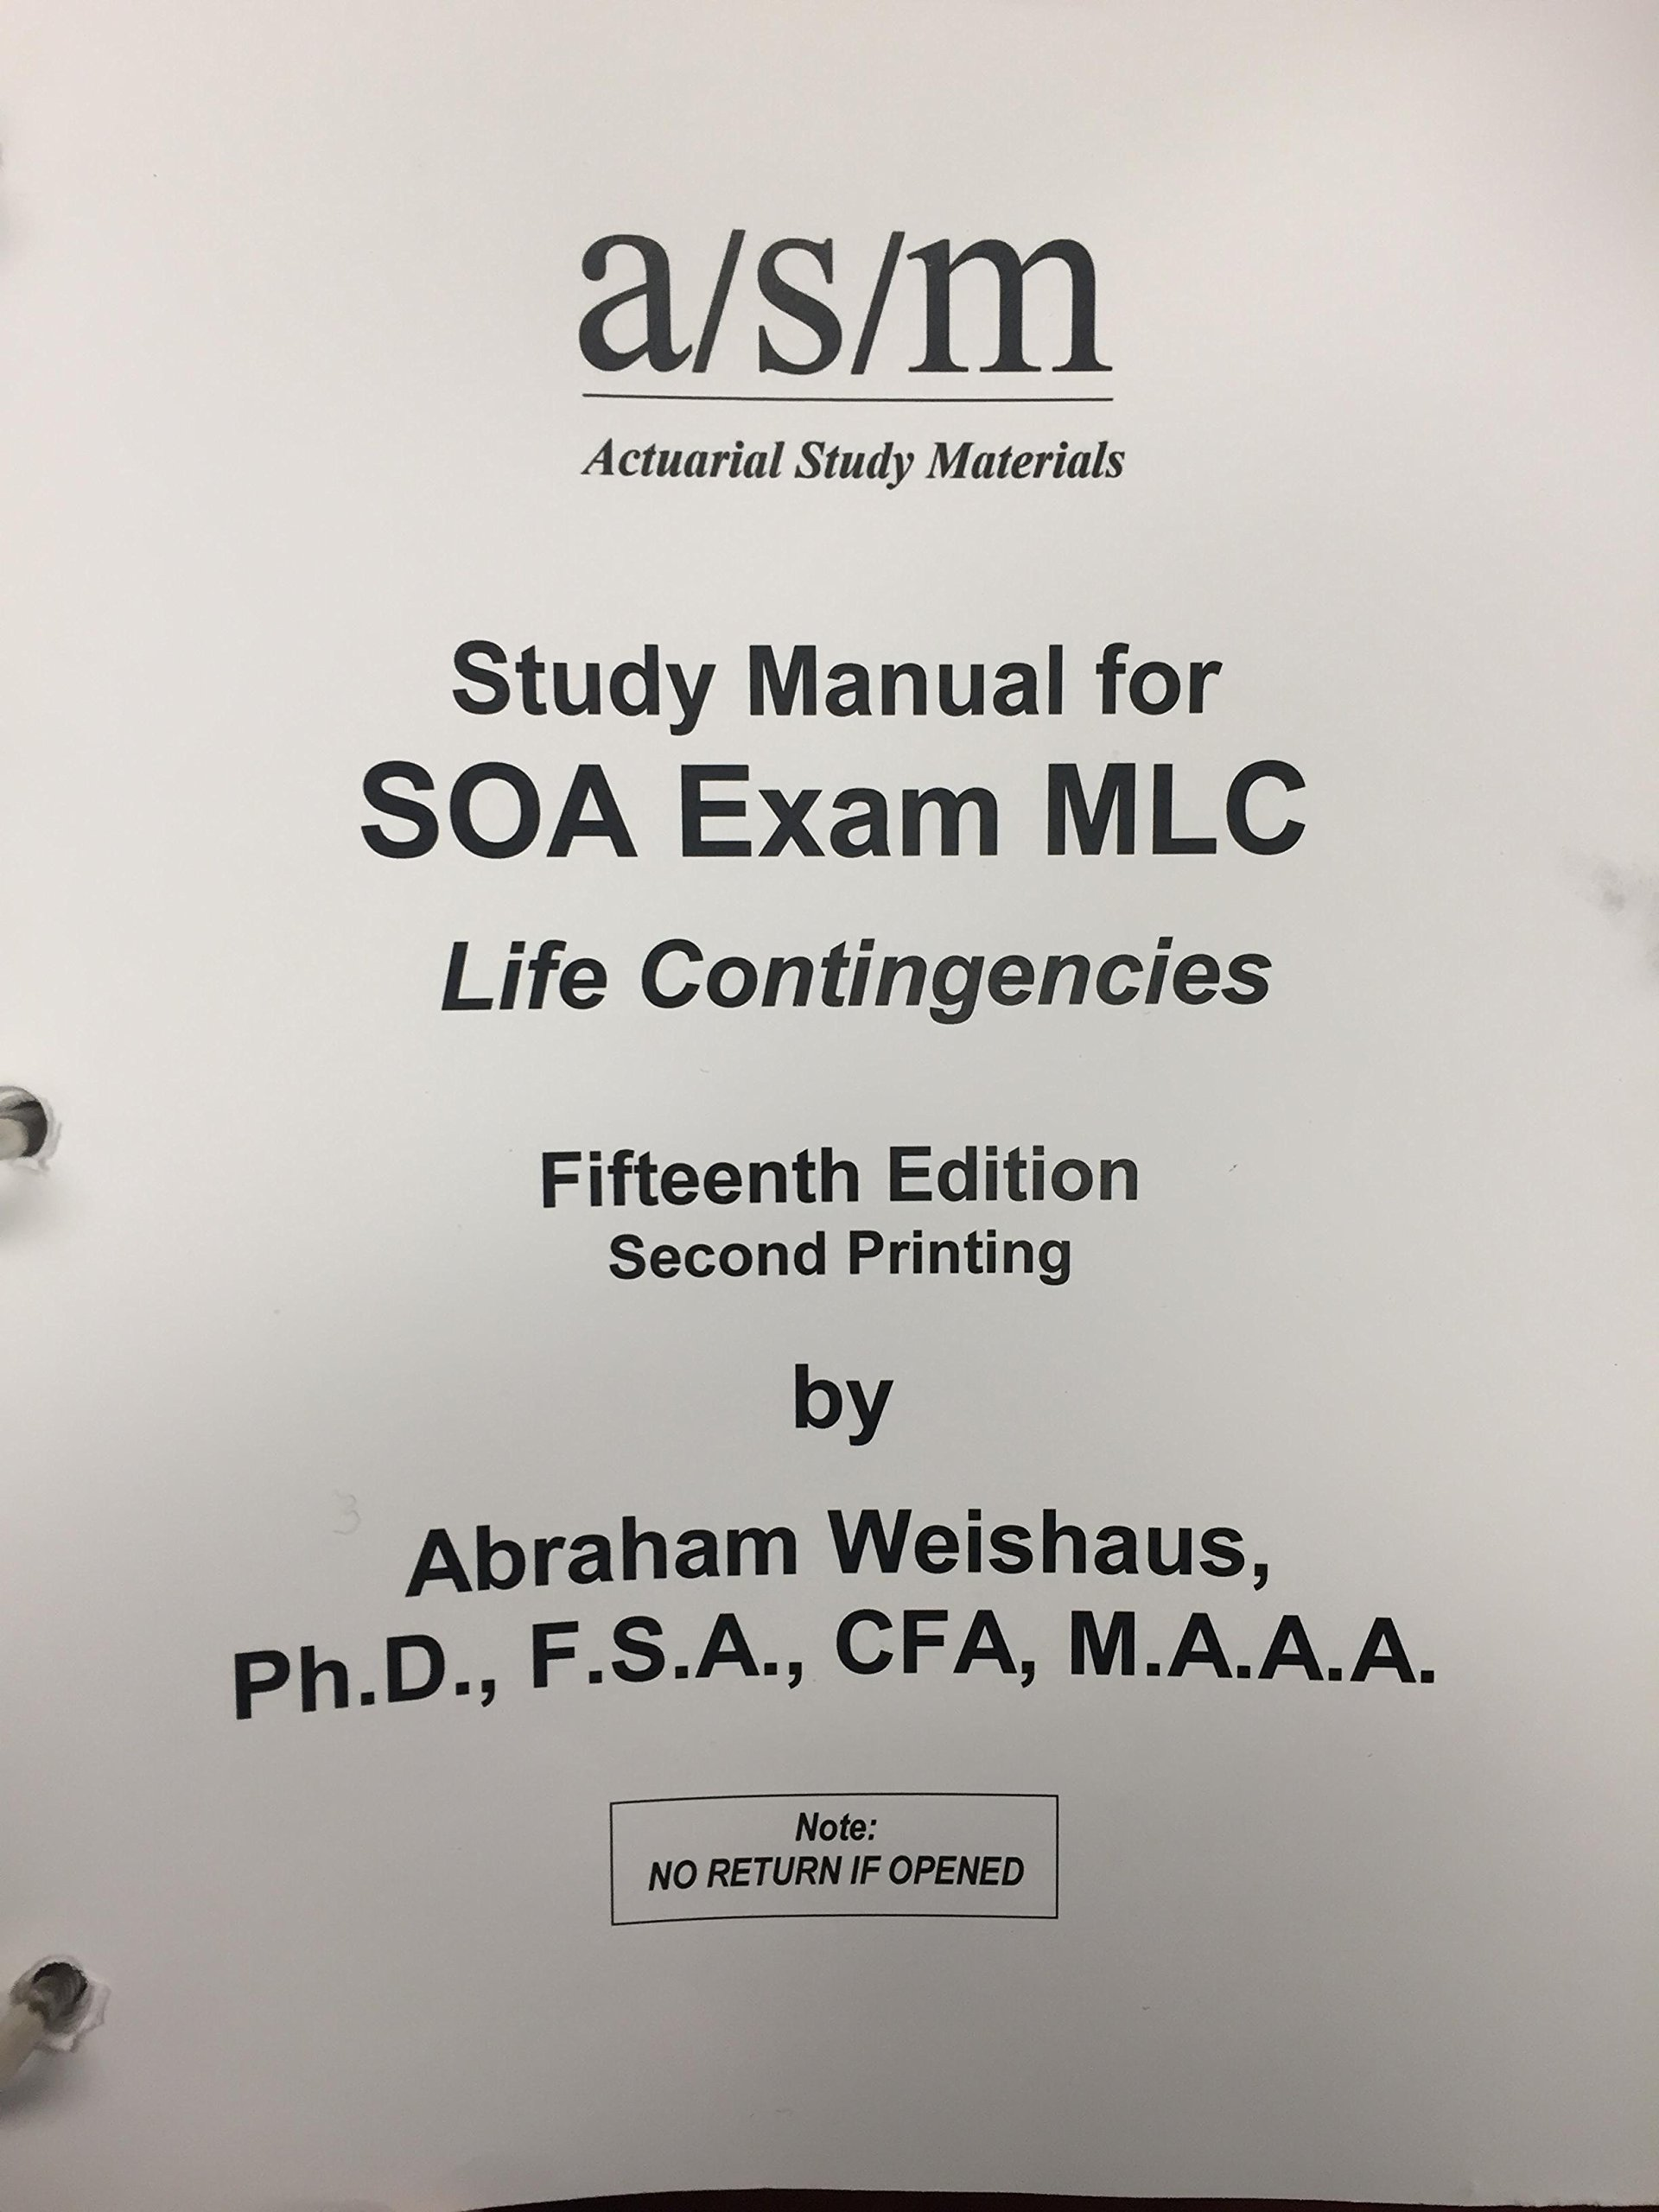 asm study manual for exam mlc abraham weishaus 9781625428721 rh amazon com Colorado CDL Study Manual asm study manual for exam mlc